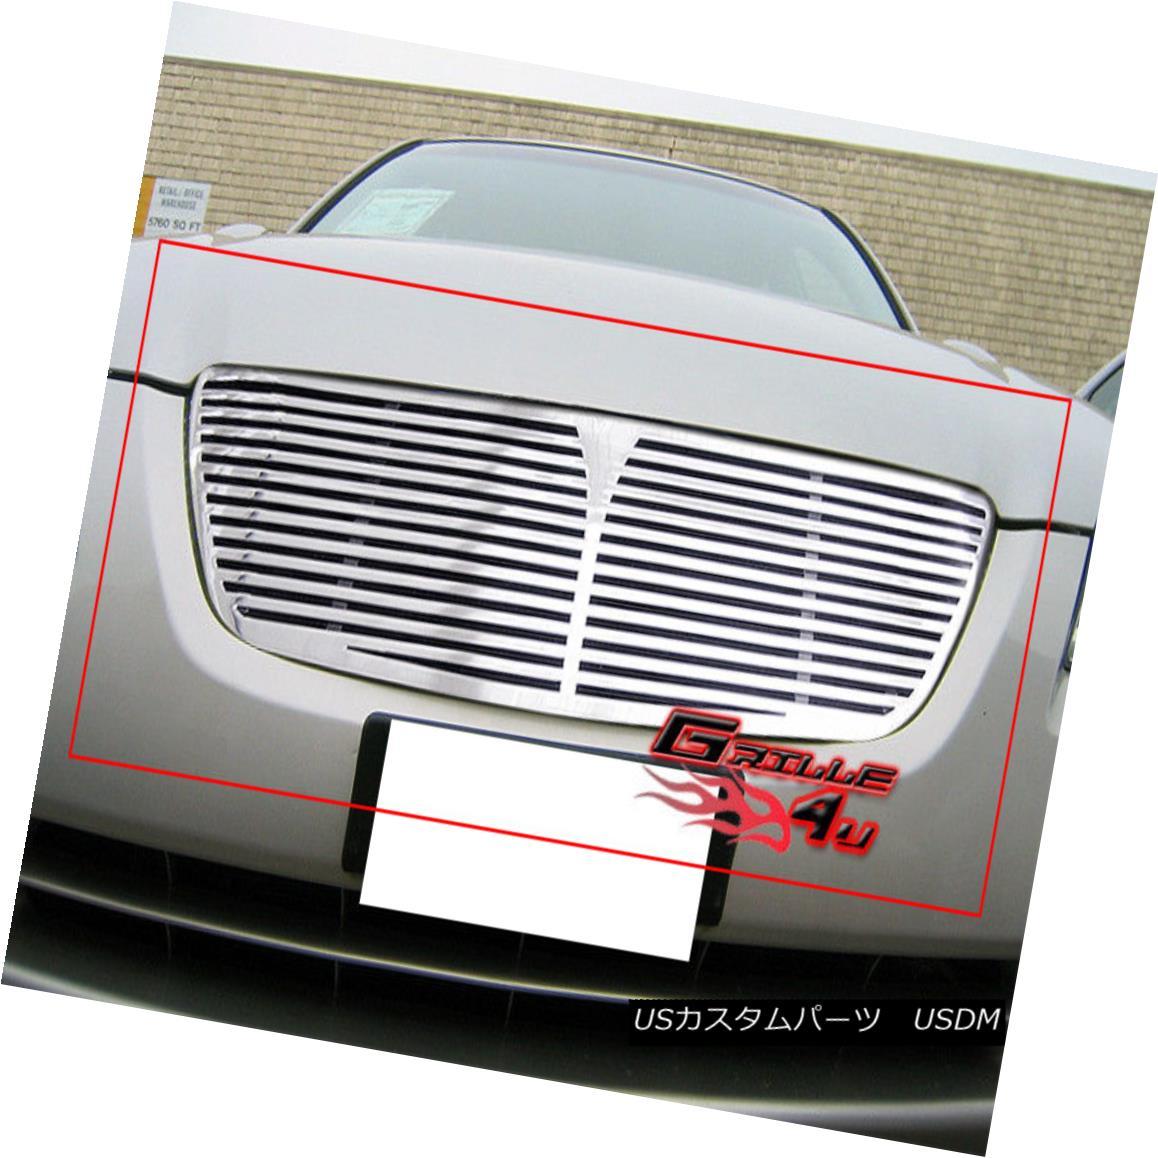 グリル Fits 2002-2004 Nissan Altima Perimeter Grille Insert フィット2002-2004日産アルティマペリメーターグリルインサート